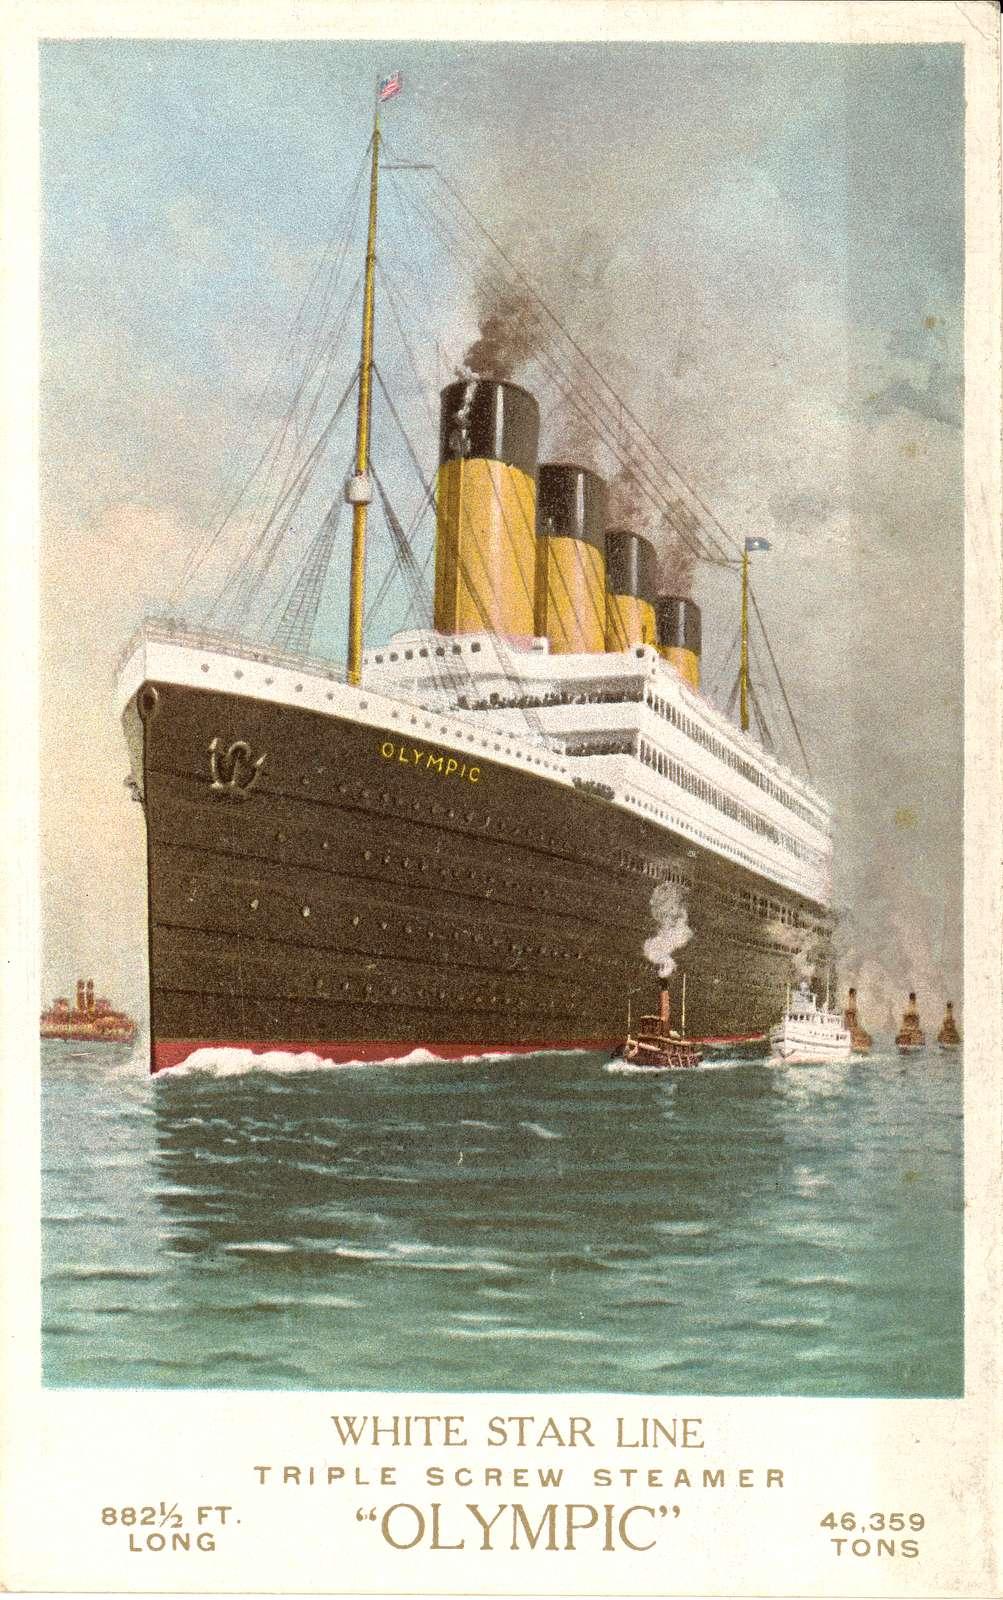 """White Star Line, triple screw steamer """"Olympic"""", 882 1/2 ft. long, 46,359 tons"""